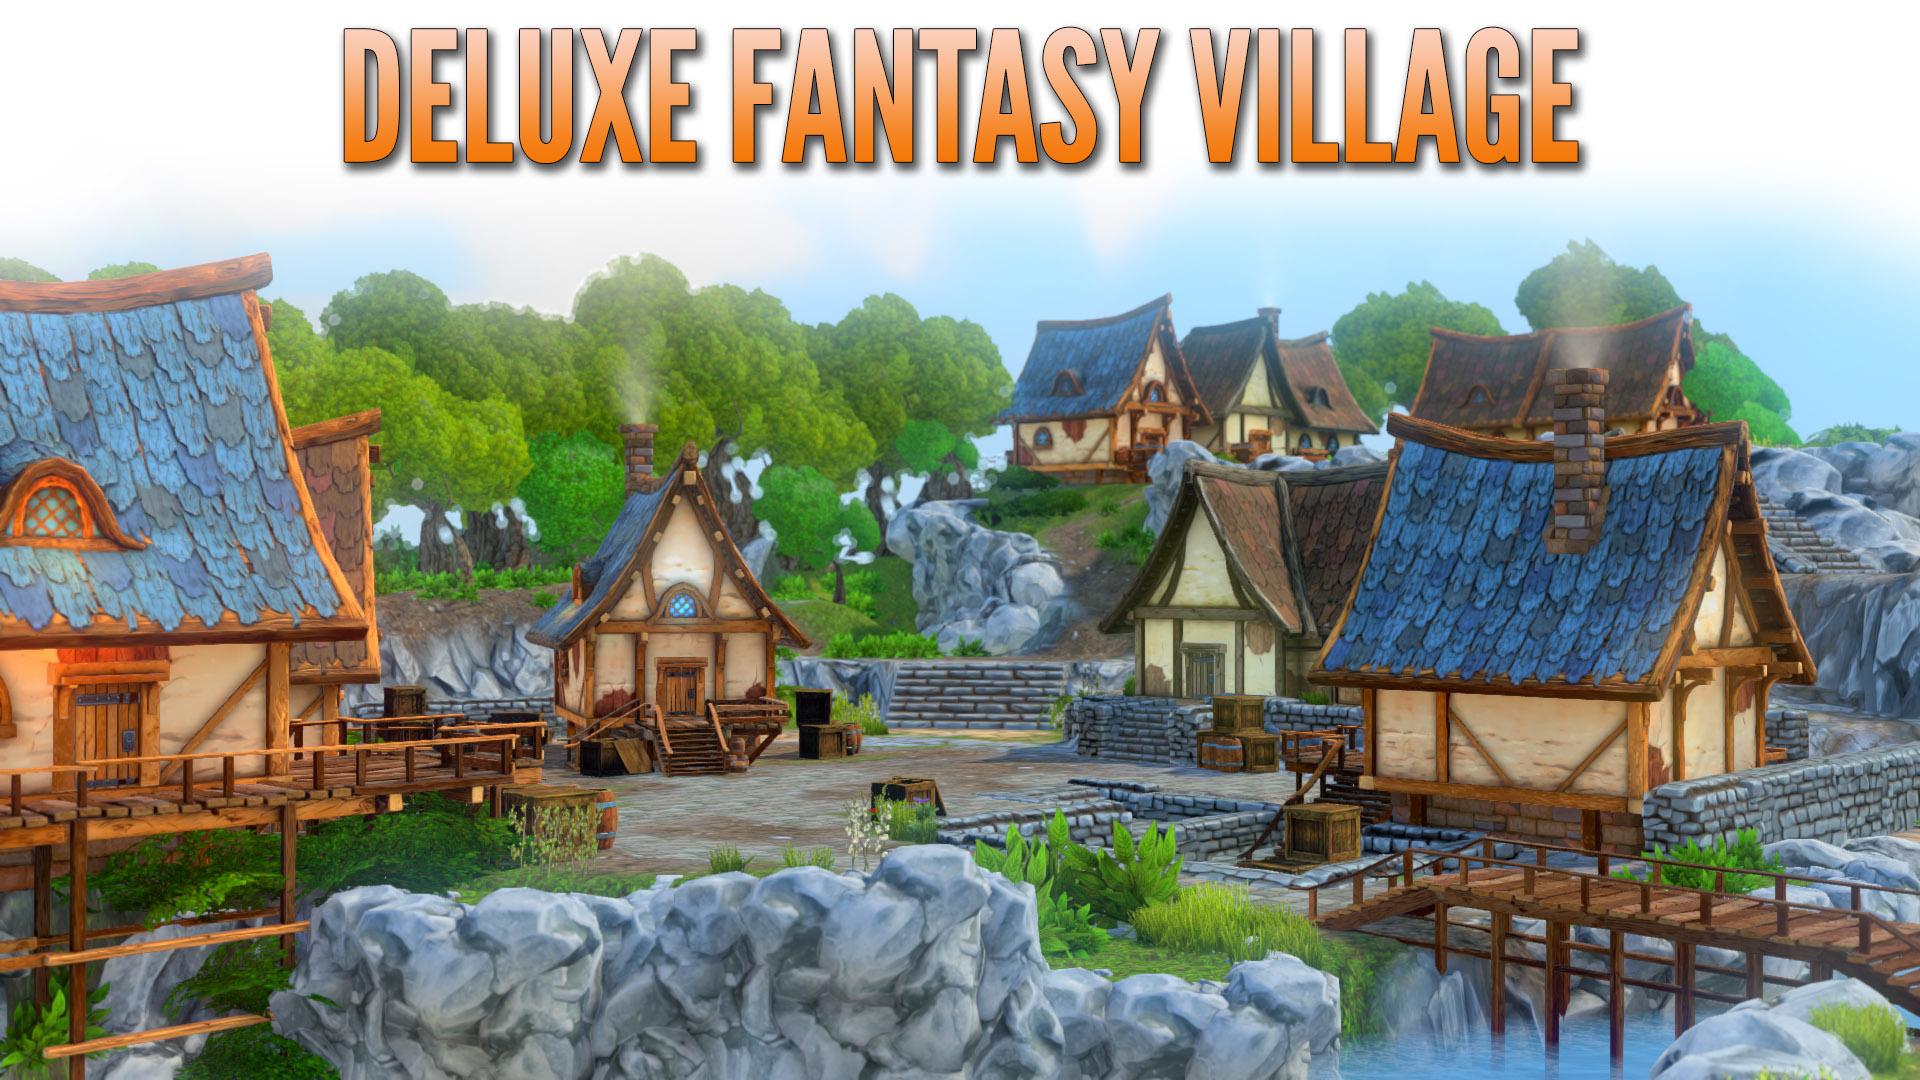 Deluxe Fantasy Village